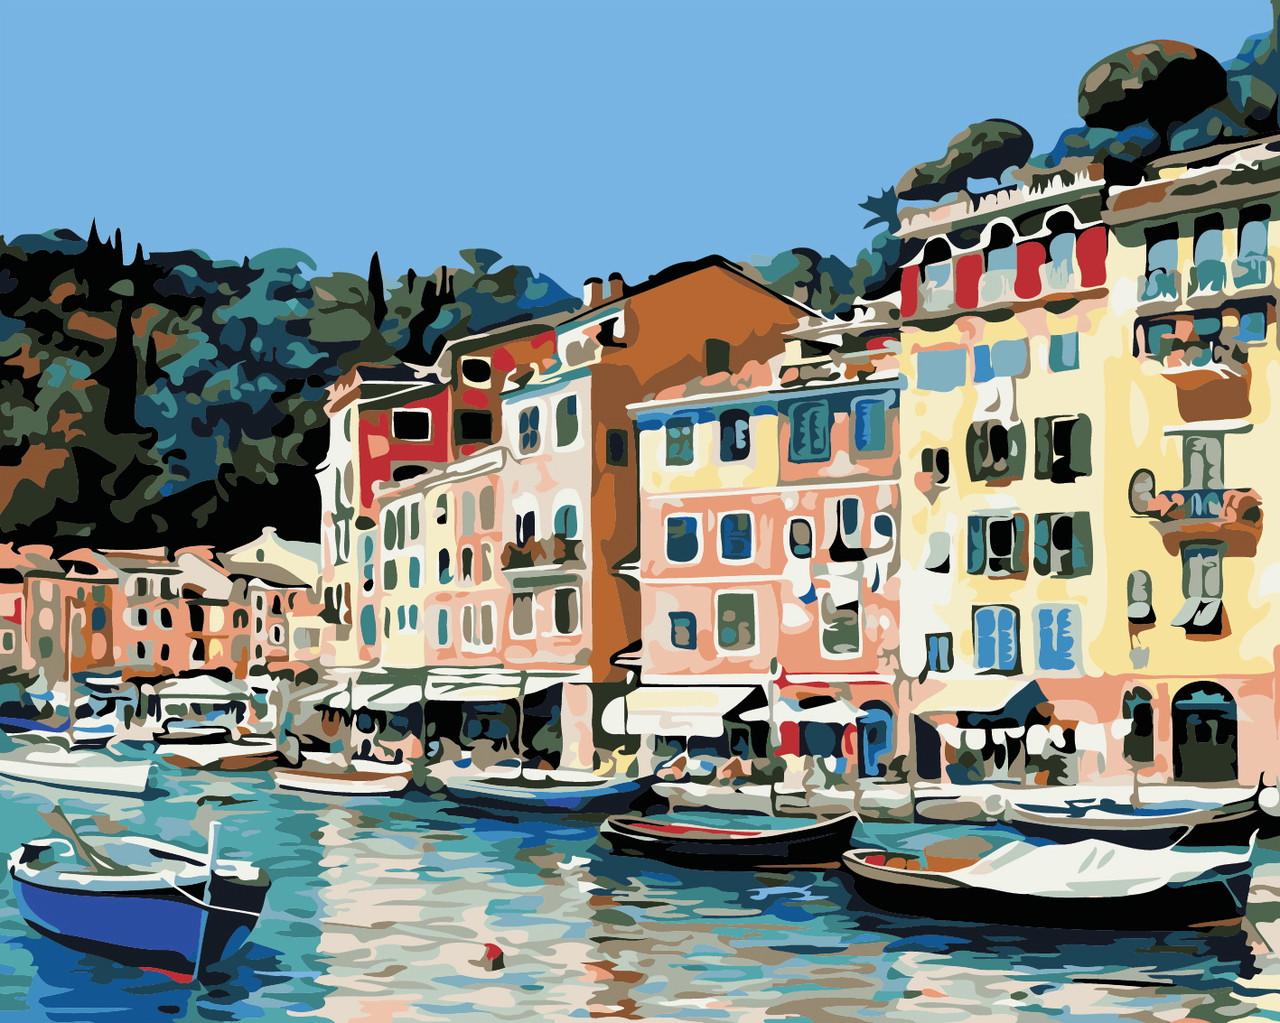 Художественный творческий набор, картина по номерам Итальянский городок, 50x40 см, «Art Story» (AS0373)